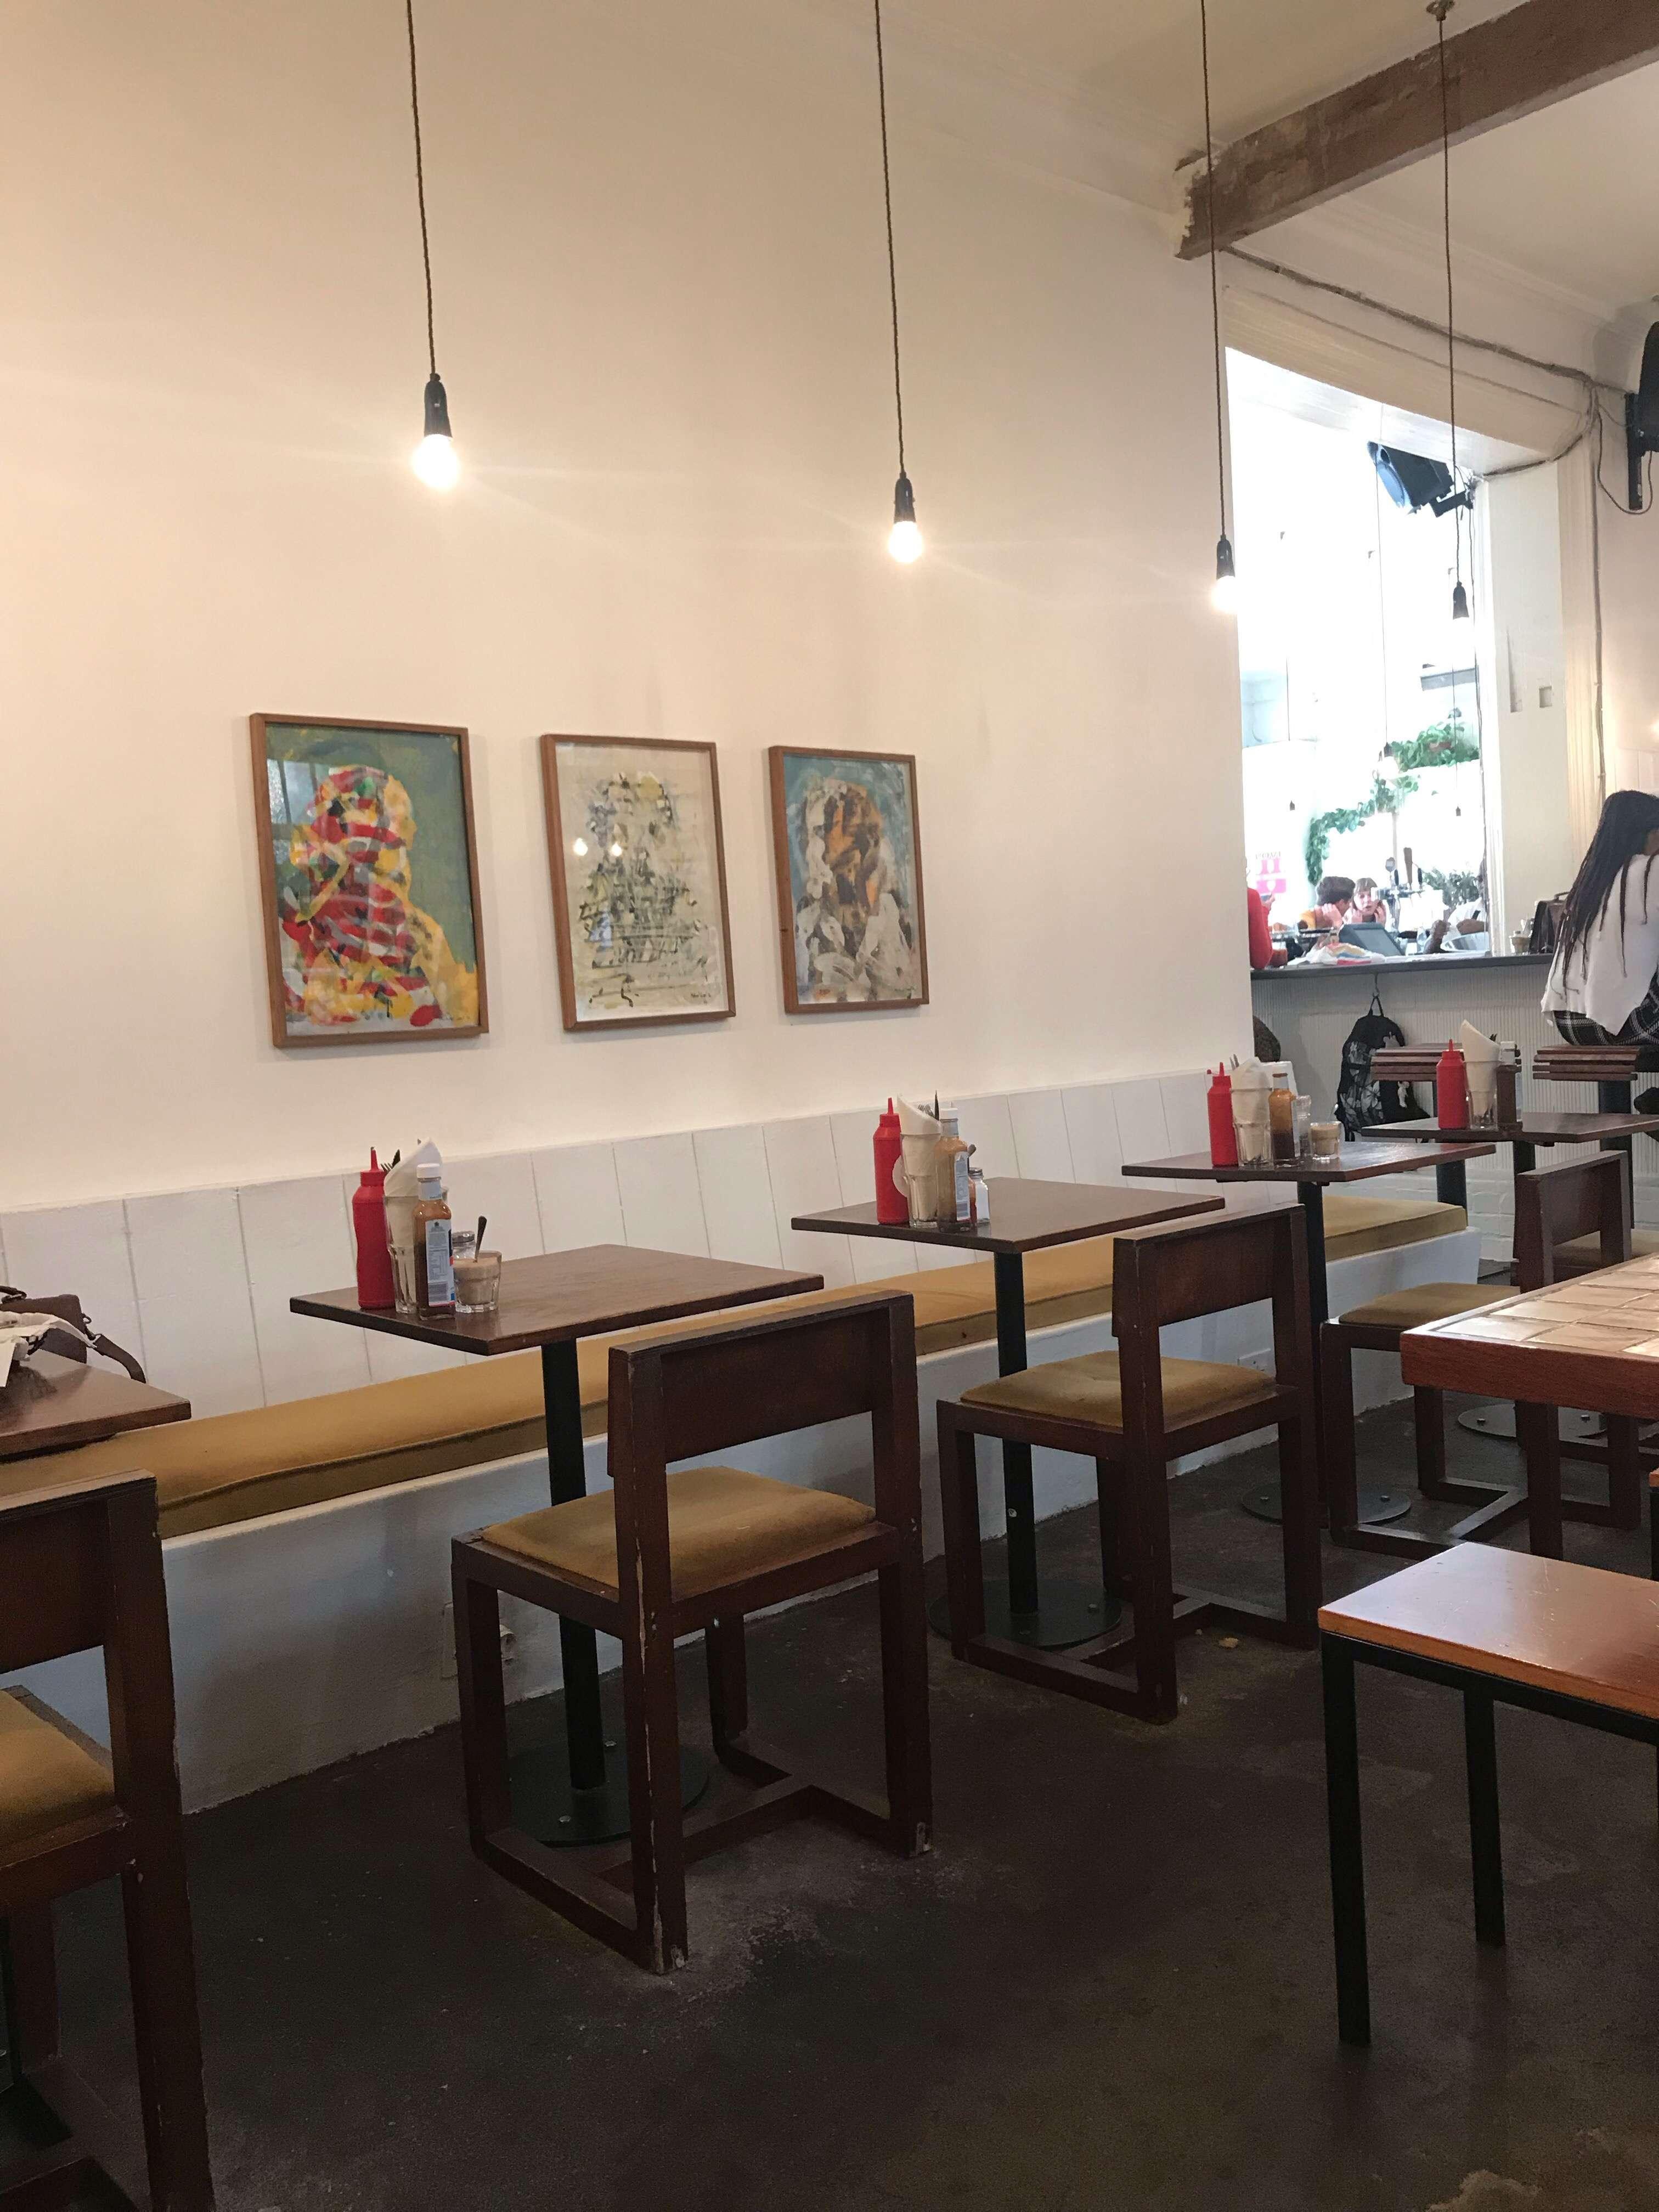 Clarke's Bar & Dining Room